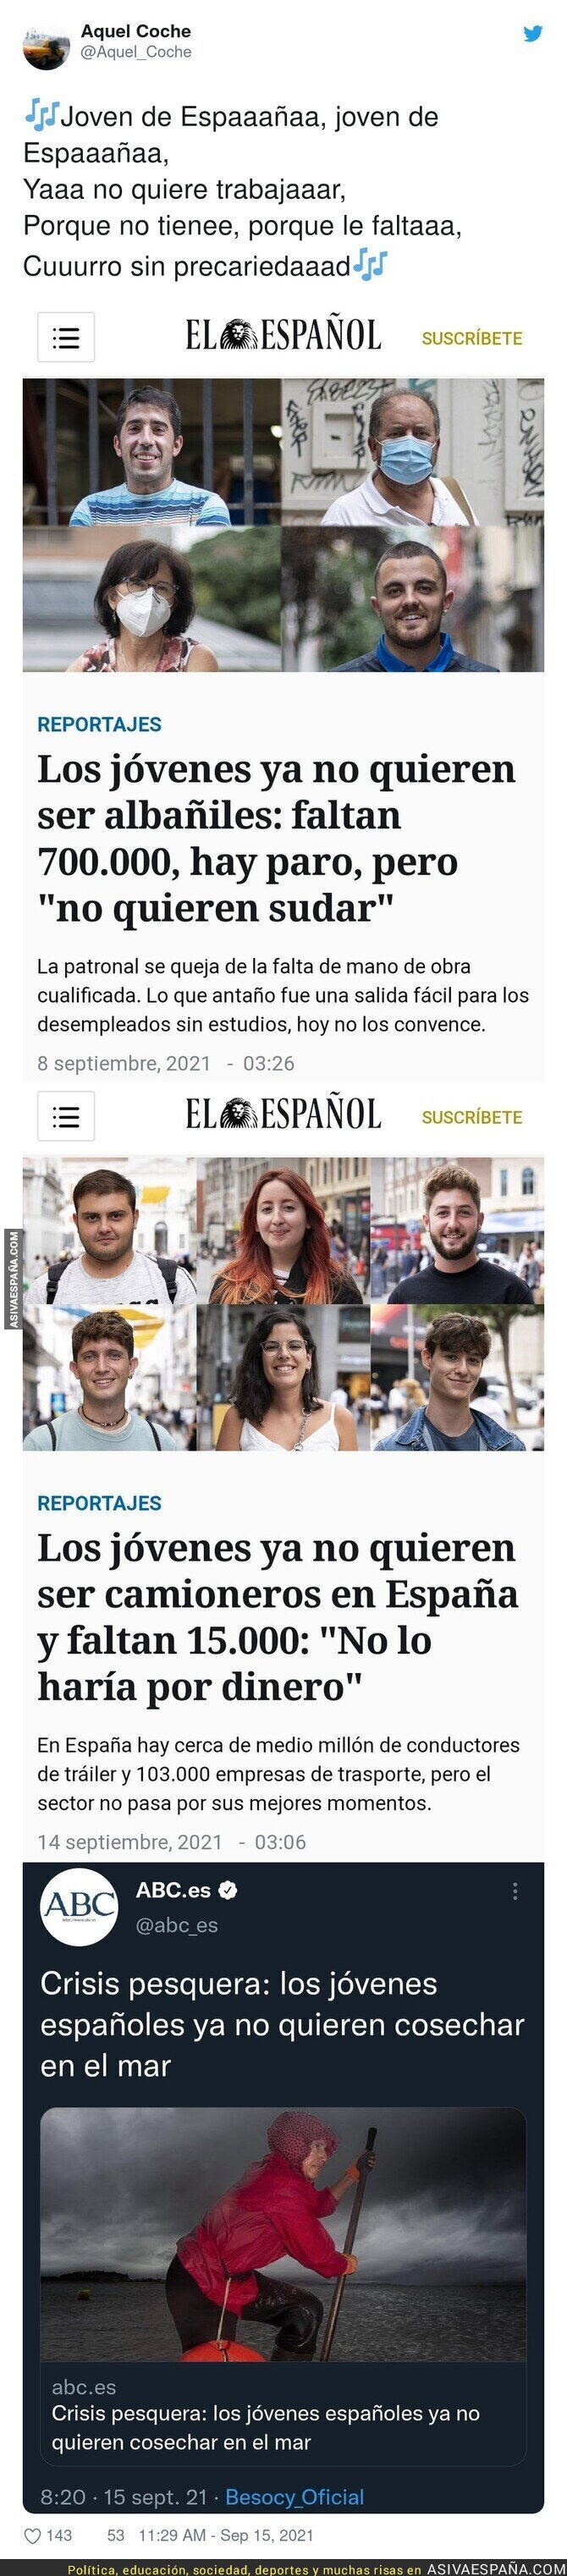 907267 - Tres titulares acerca de los jóvenes que no quieren trabajar que dan vergüenza ajena, por @Aquel_Coche